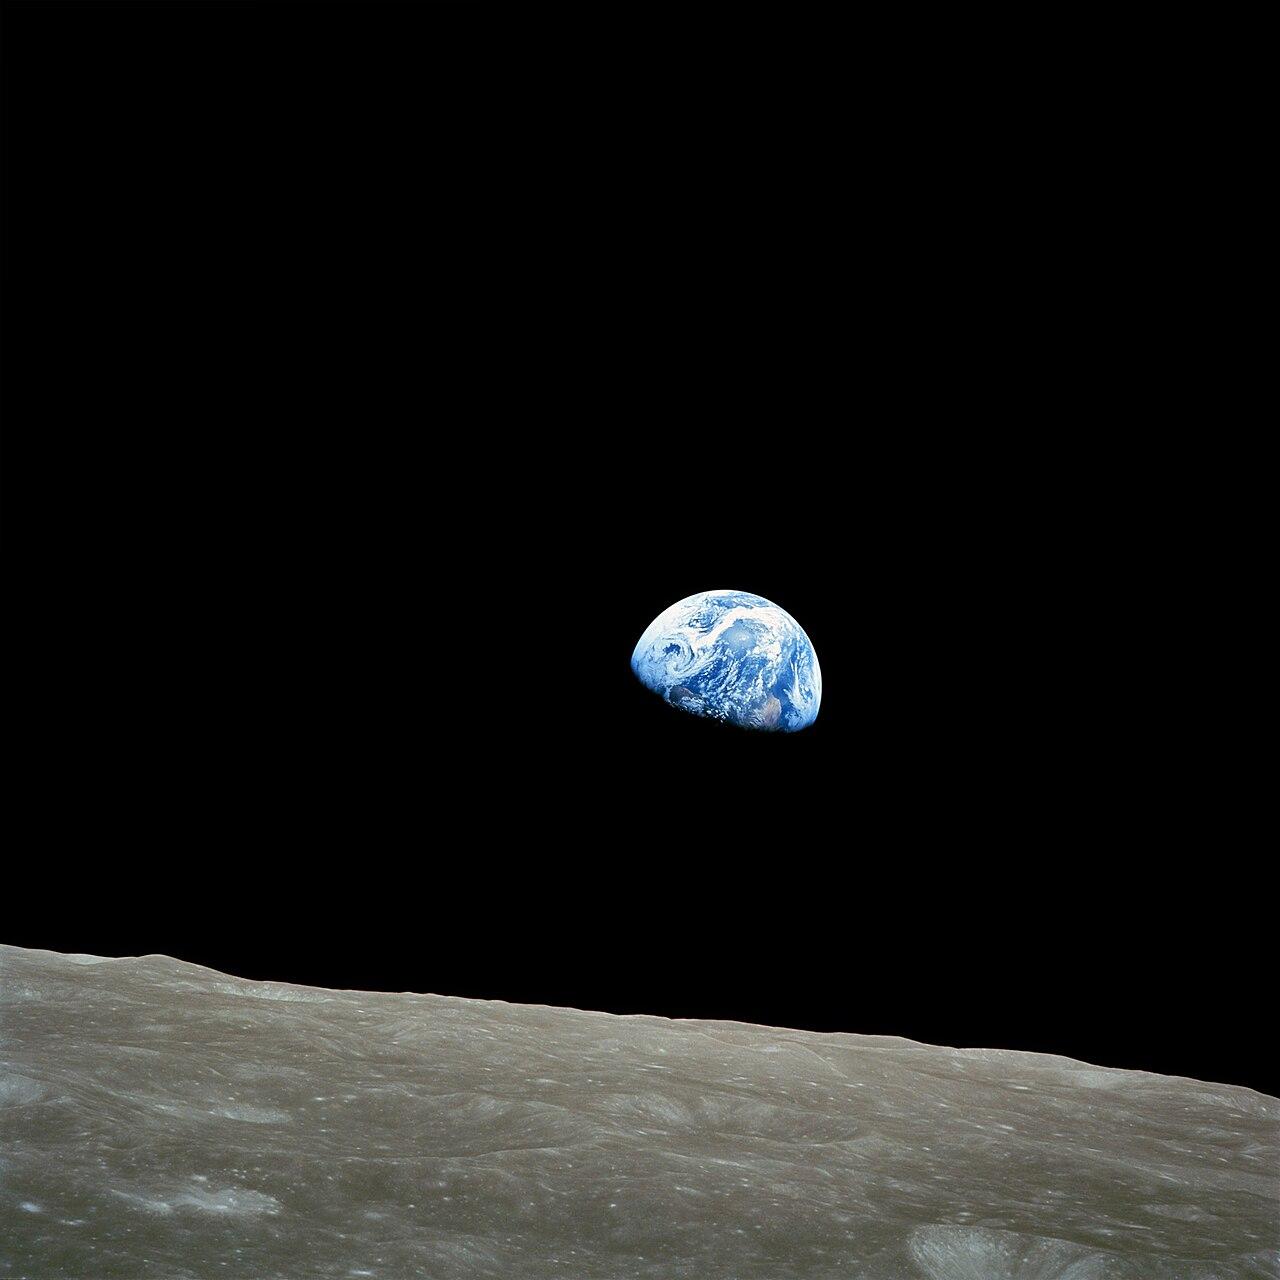 โลกเราก็เป็นสสาร! นี้คือภาพโลกที่ชื่อ Earthrise ถ่ายไว้โดย William Anders นักบินอวกาศบนยาน Apollo 8